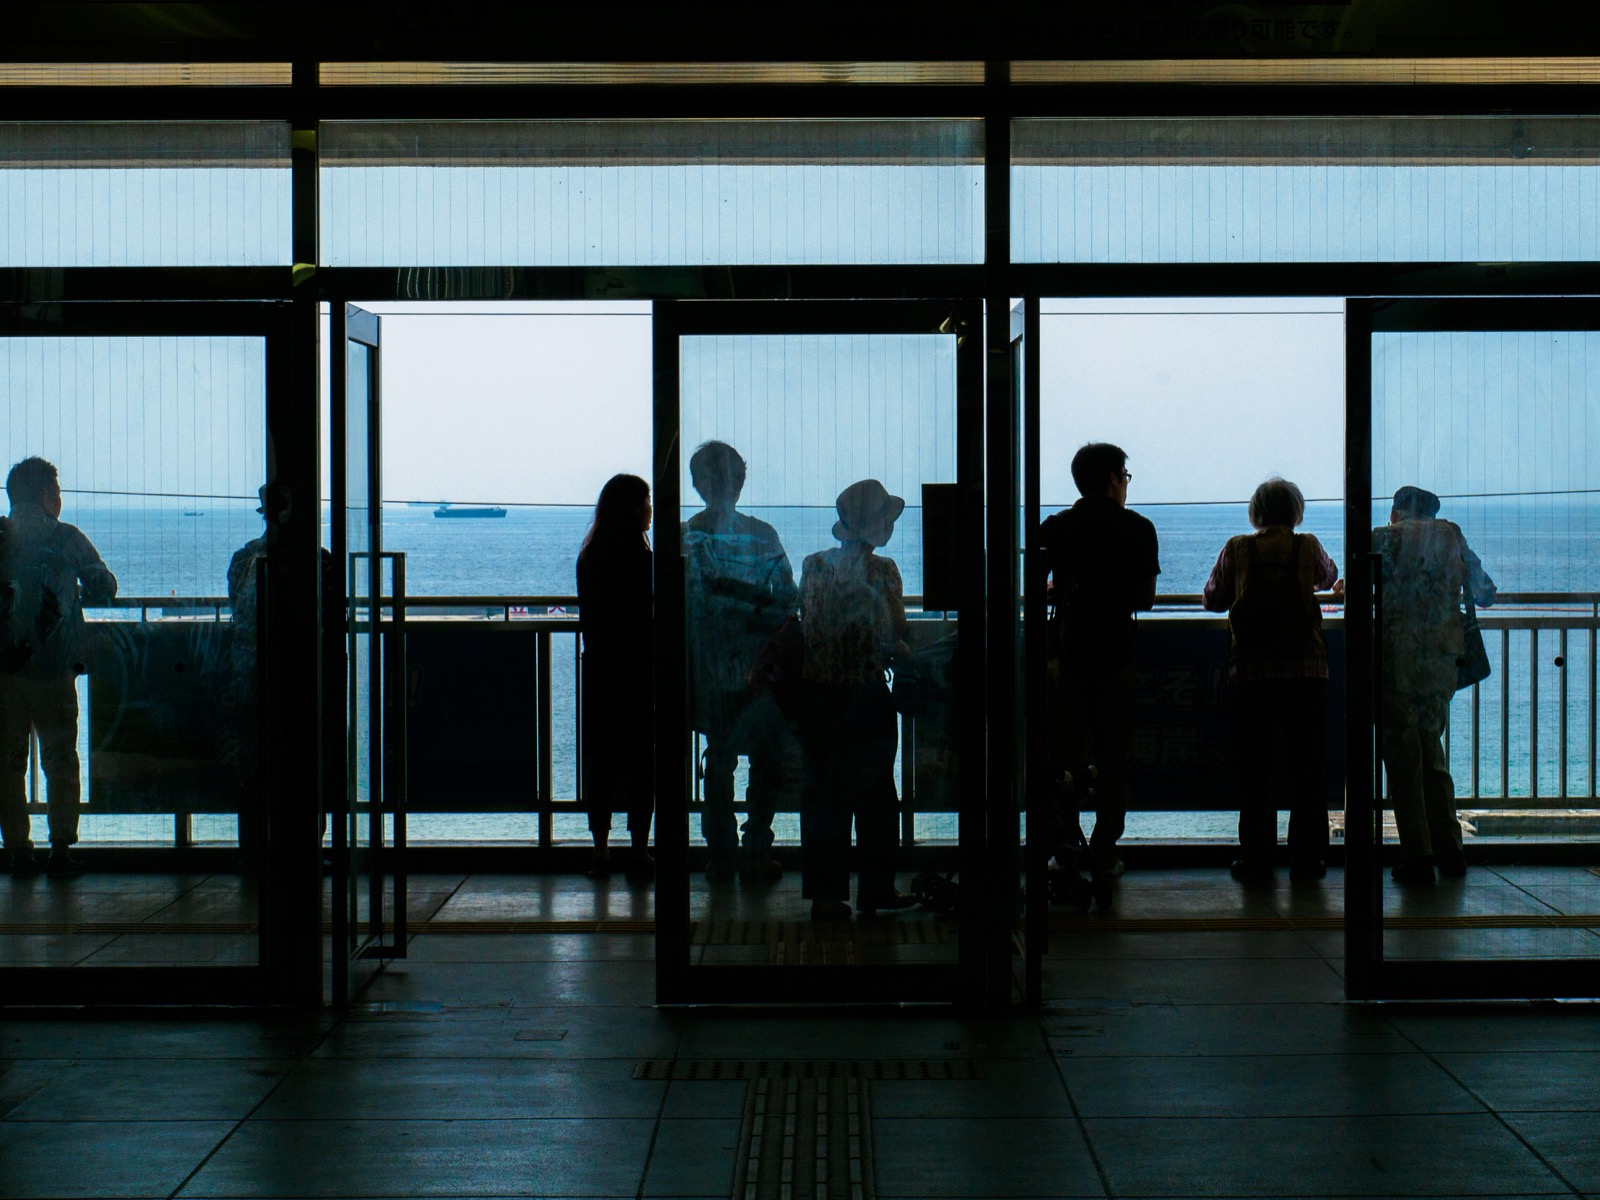 須磨駅の南口から見た大阪湾